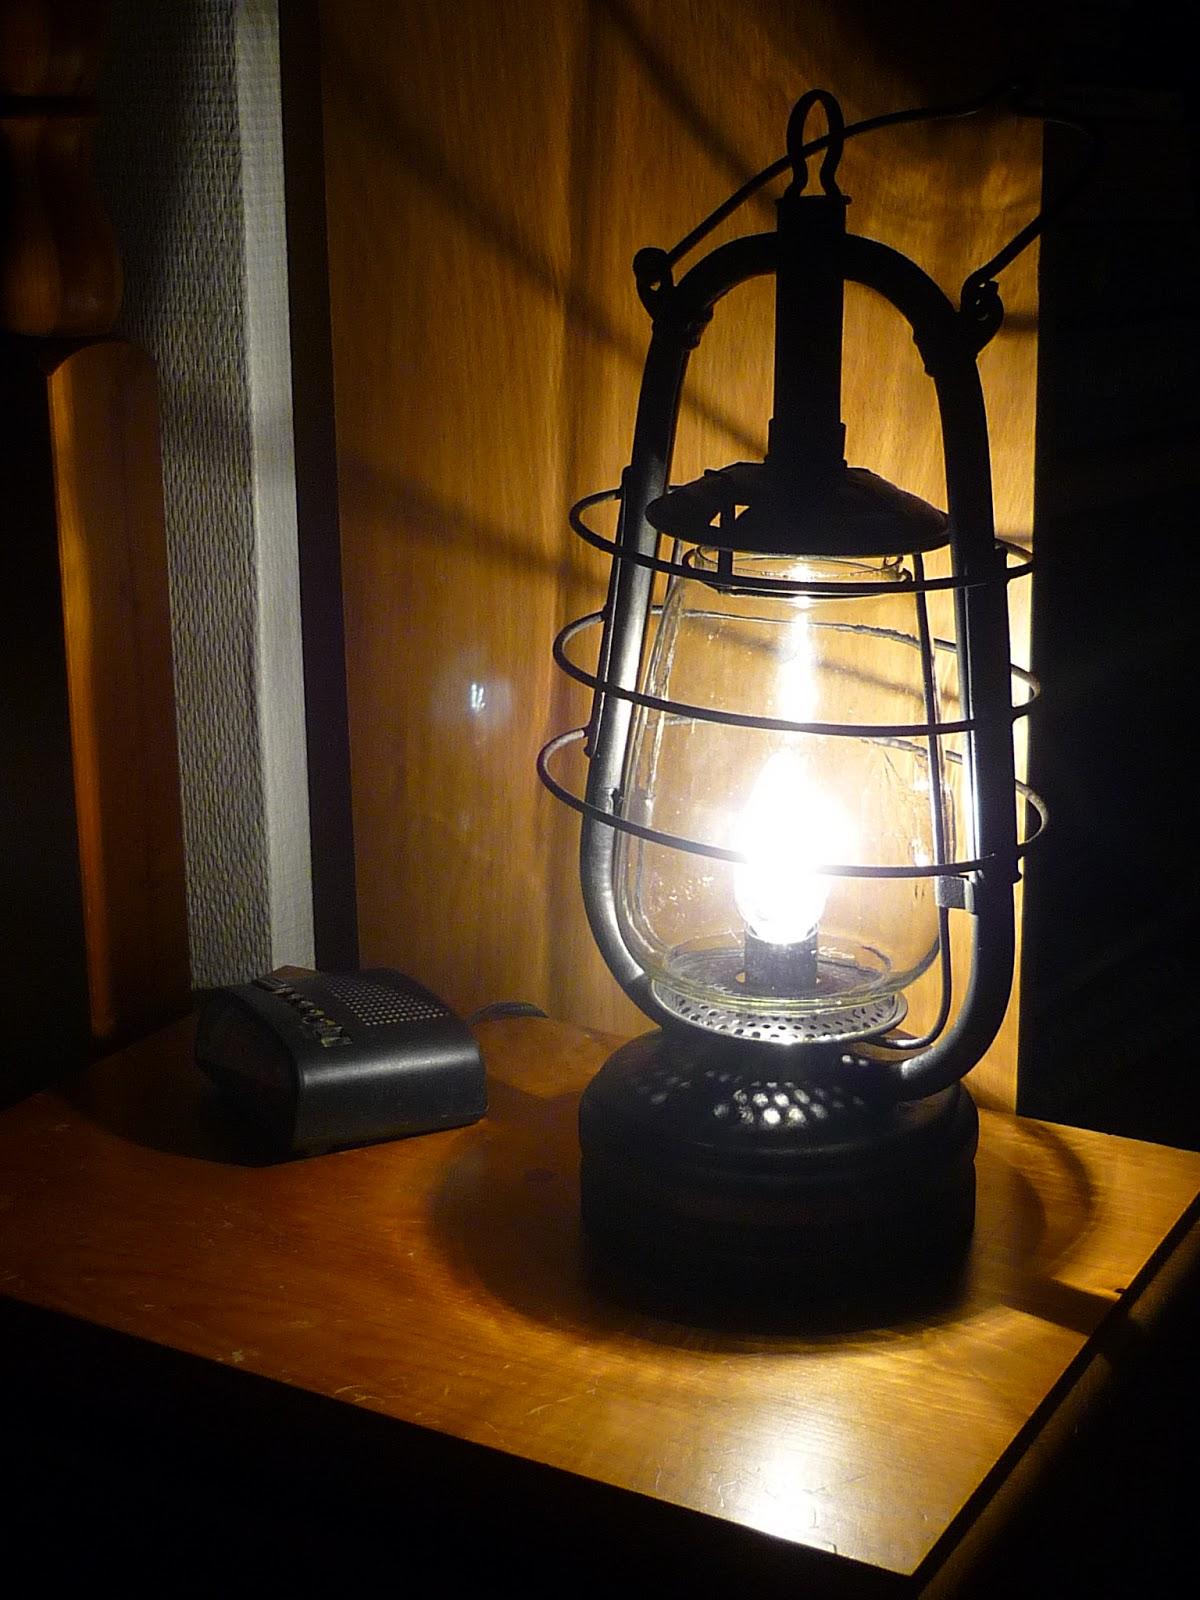 lampe kartell ne sallume plus design inspiration til design af lys i dit hjem. Black Bedroom Furniture Sets. Home Design Ideas